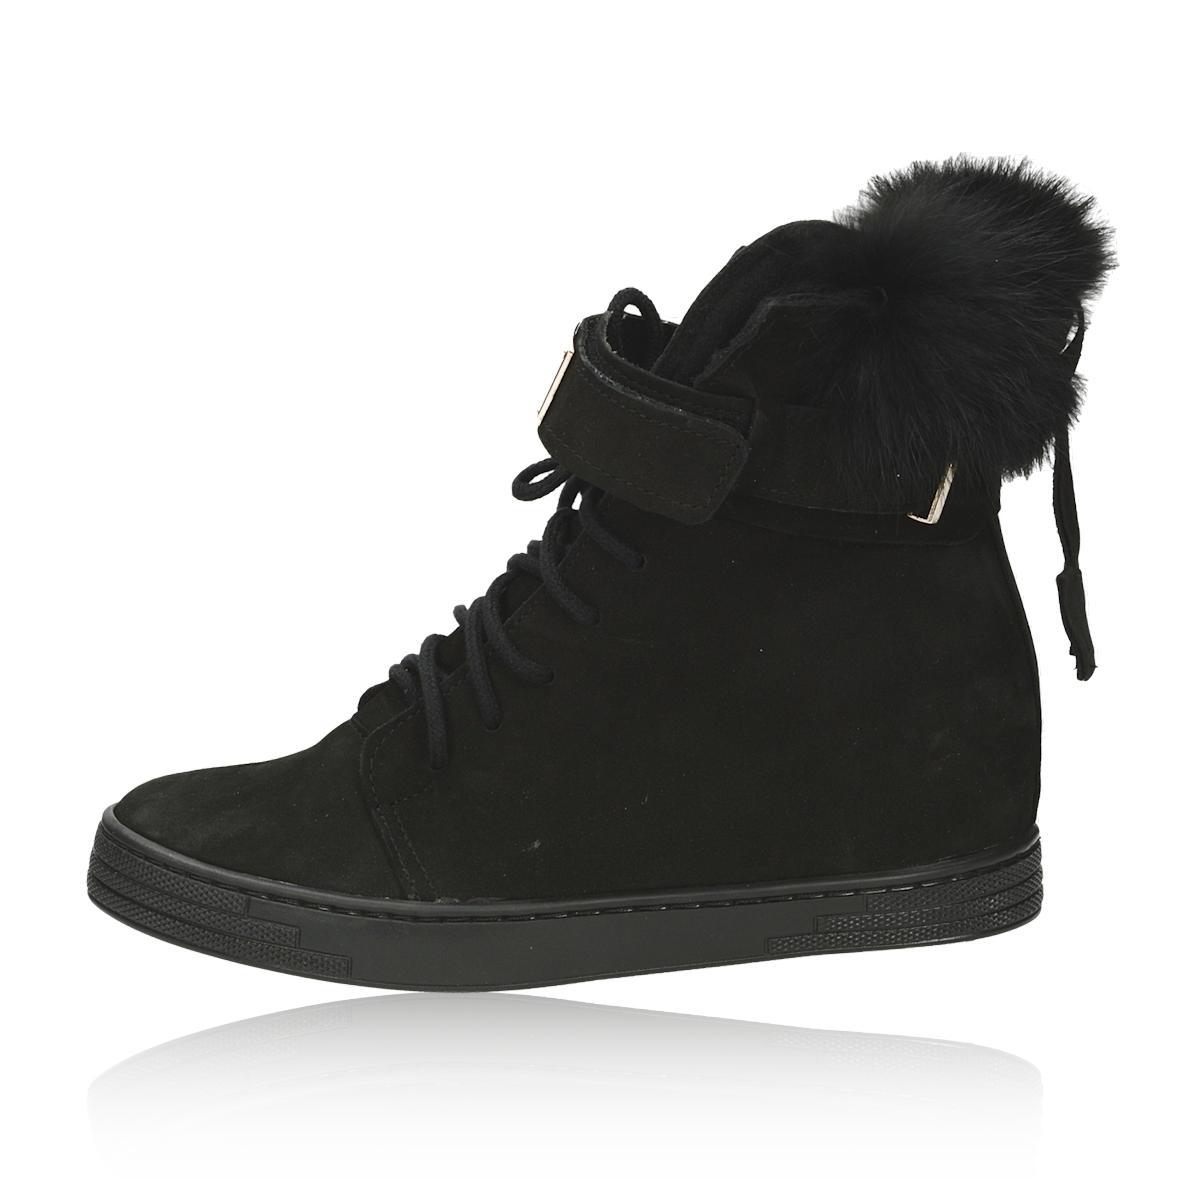 ... Olivia shoes dámské stylové kotníkové boty na suchý zip - černé ... caaca106bd